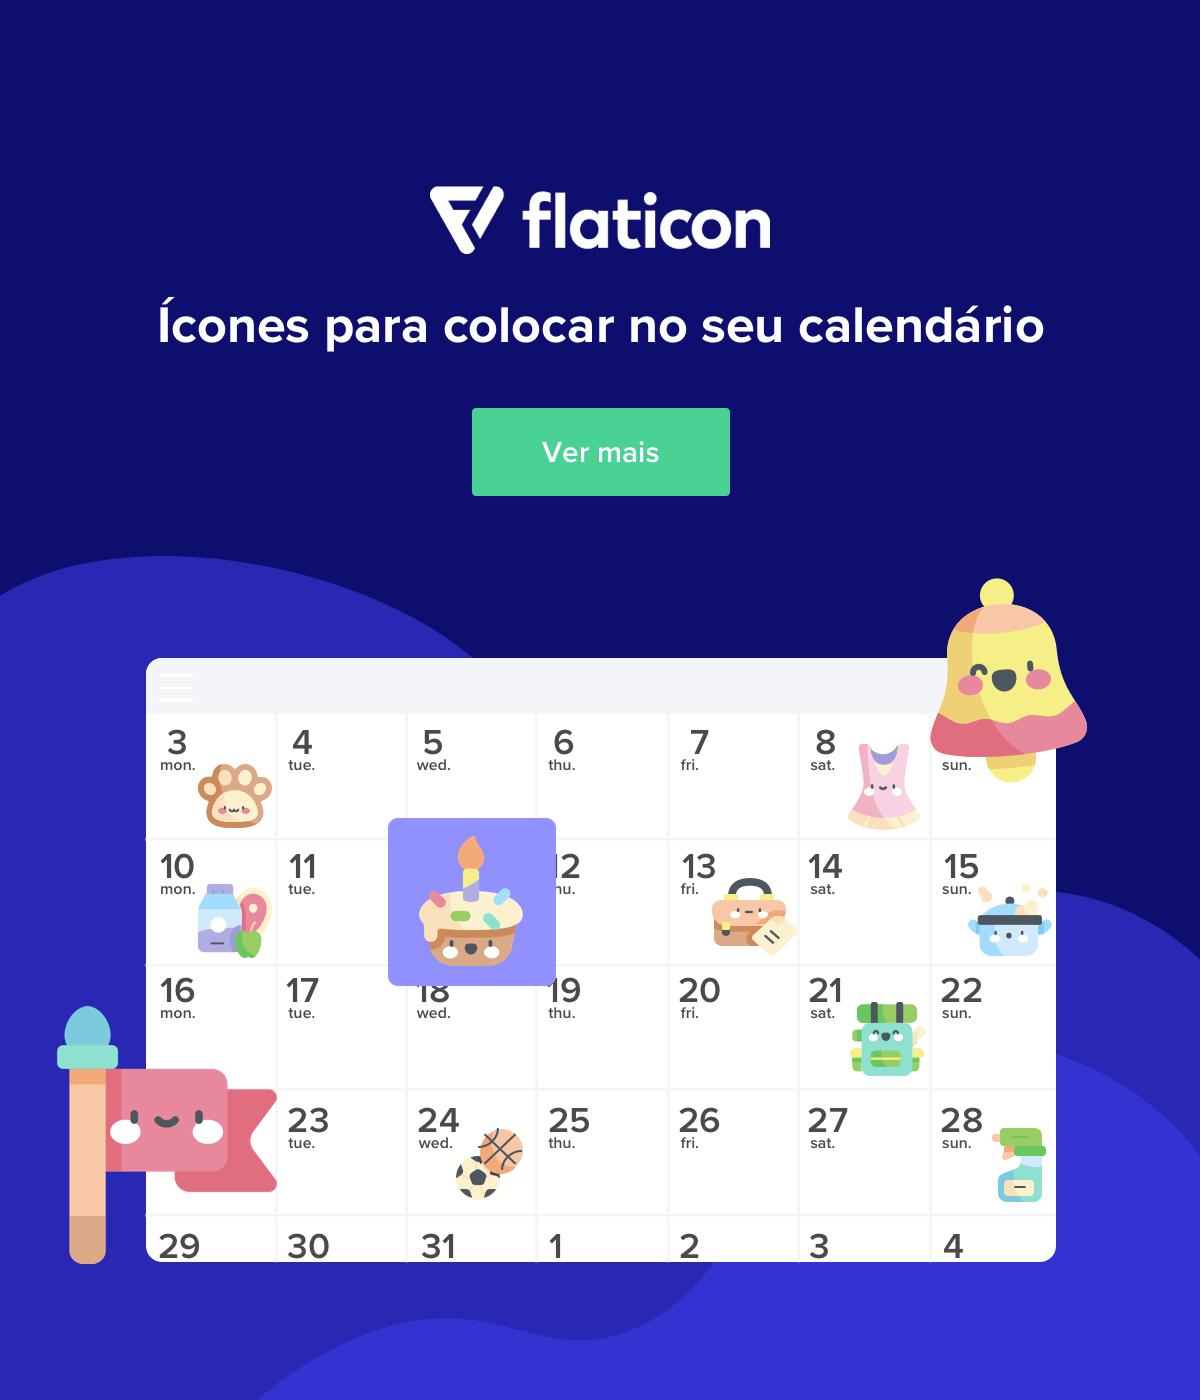 Ícones para colocar no seu calendário